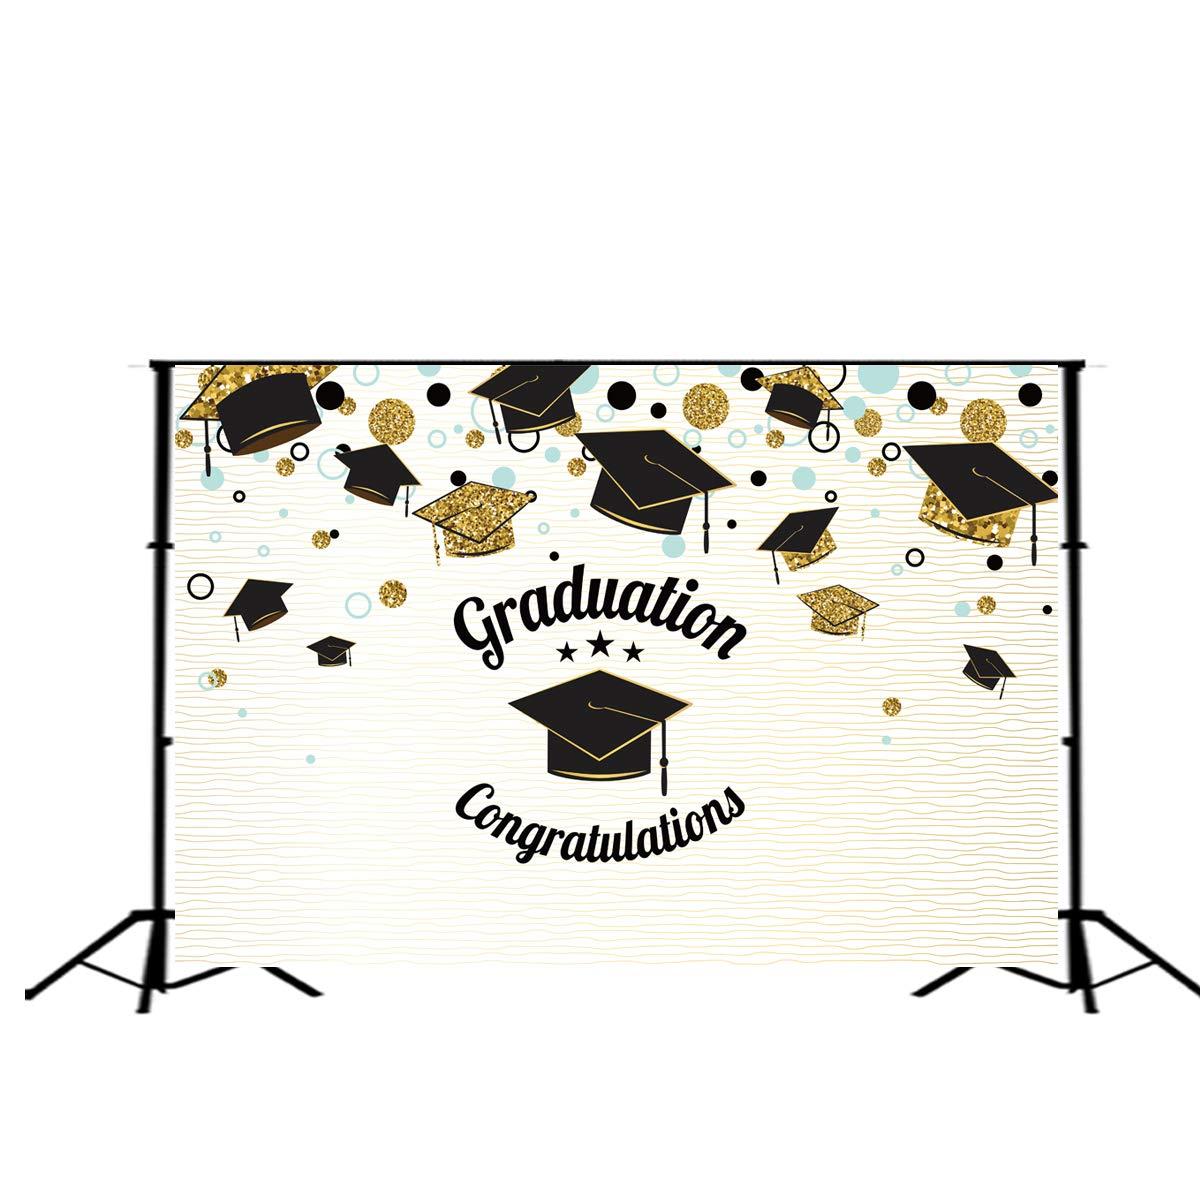 Cabina de Estudio fotogr/áfico decoraci/ón Fondo de fotograf/ía Graduado para graduaci/ón Fiesta de graduaci/ón